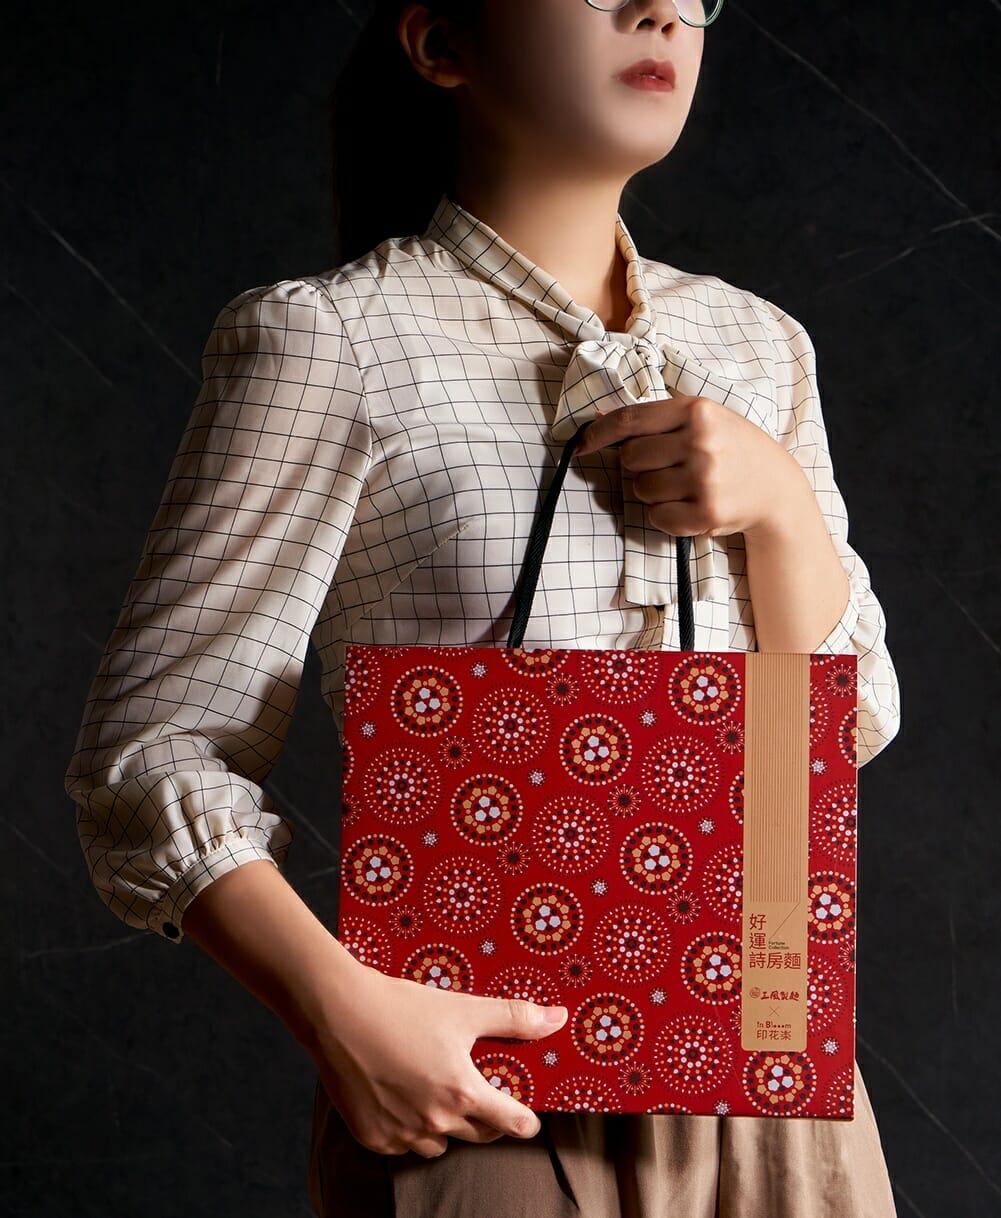 紙捲麵 三風製麵 X 印花樂強強聯手!創意懷舊禮盒不只送心意也送好運 - 2